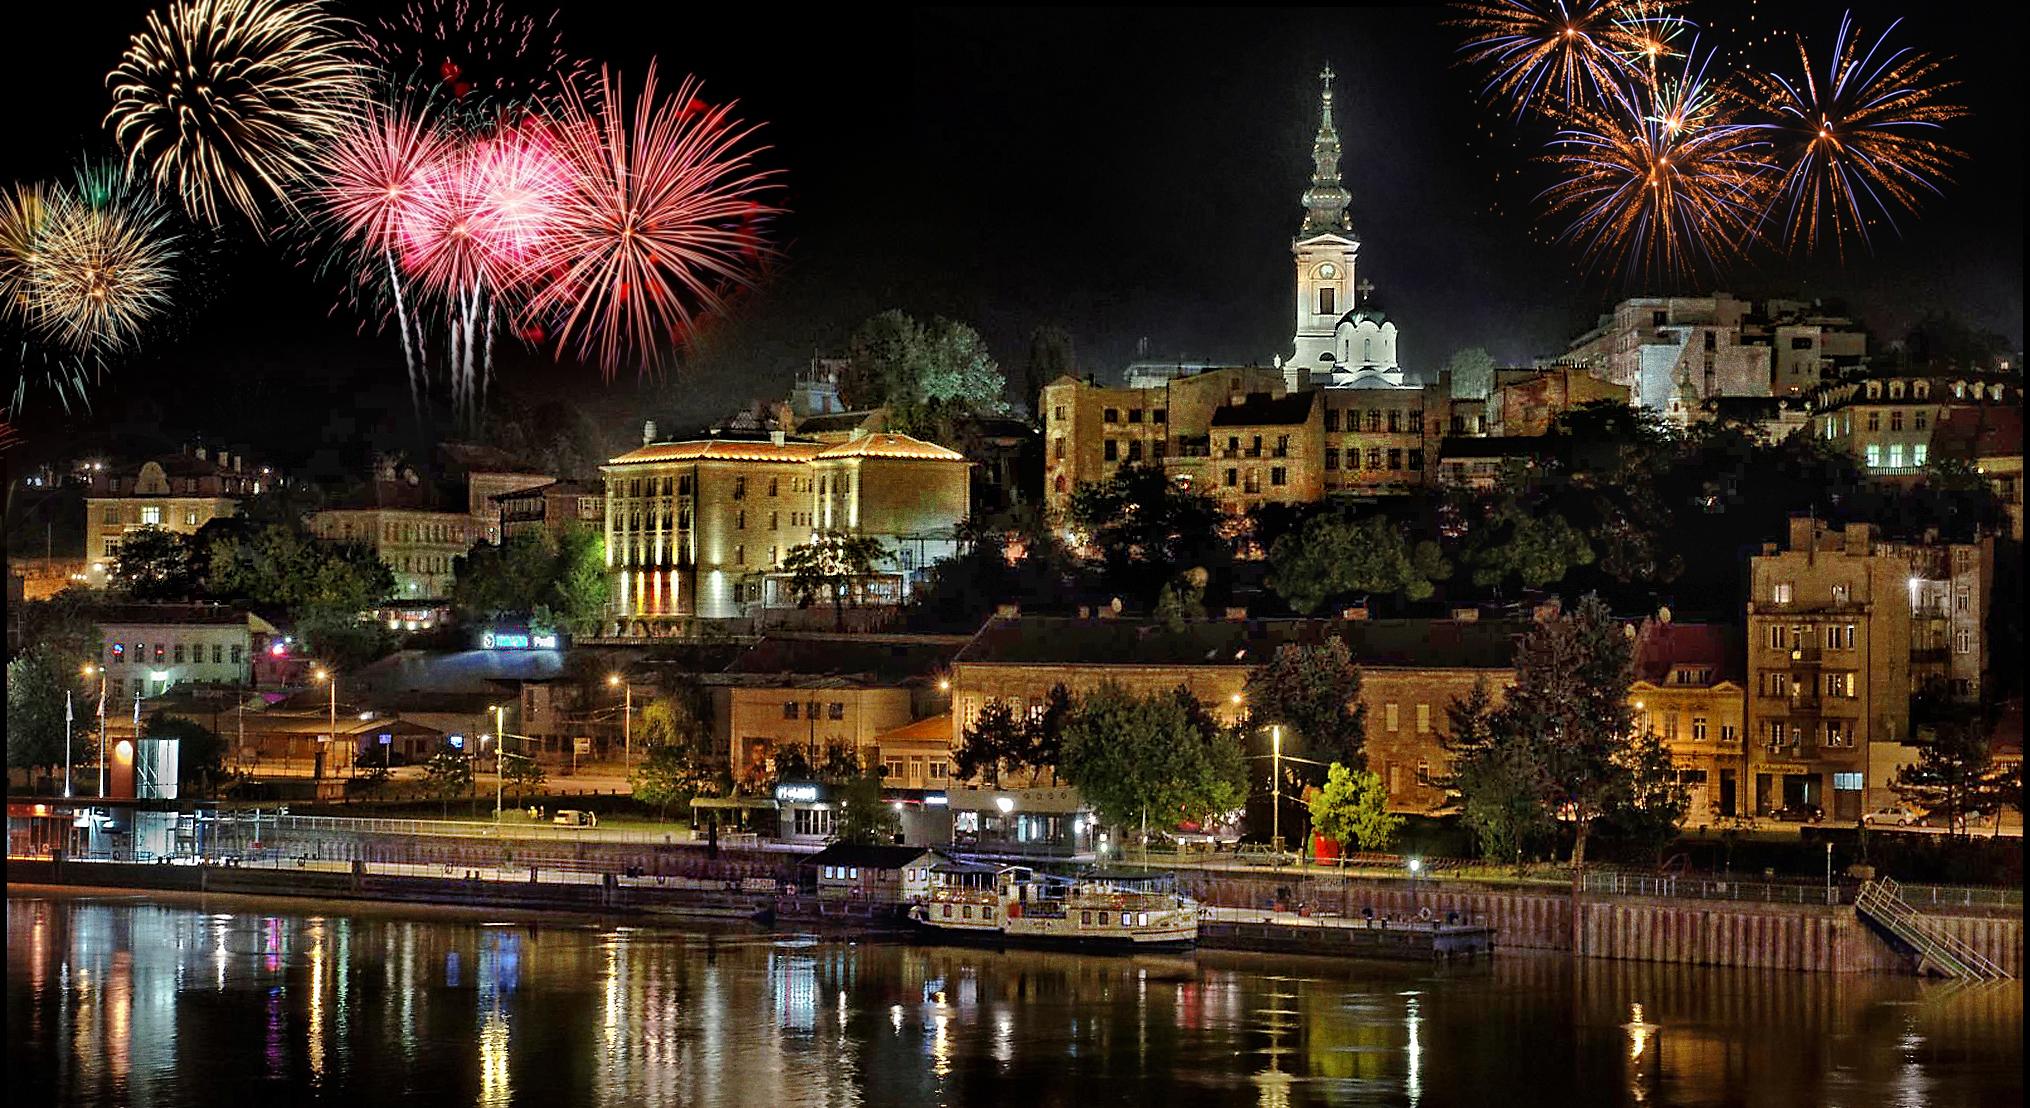 Izvođači koji će obeležiti doček Nove 2020. godine u Beogradu